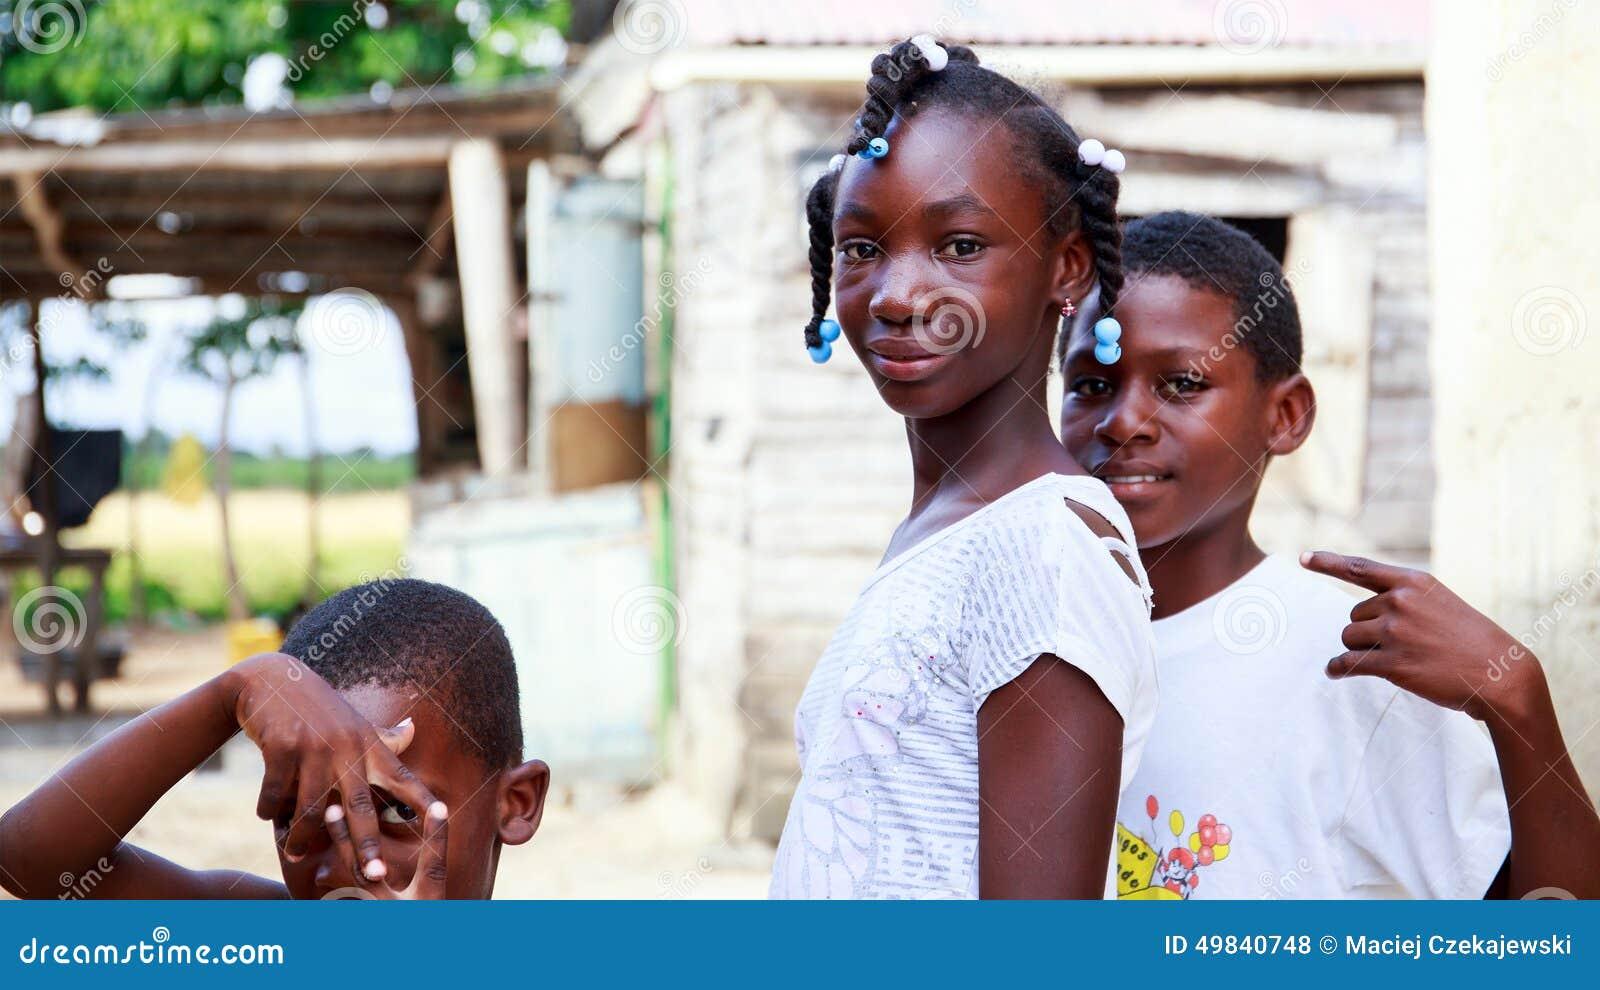 Гаитянские дети в лагере беженцев